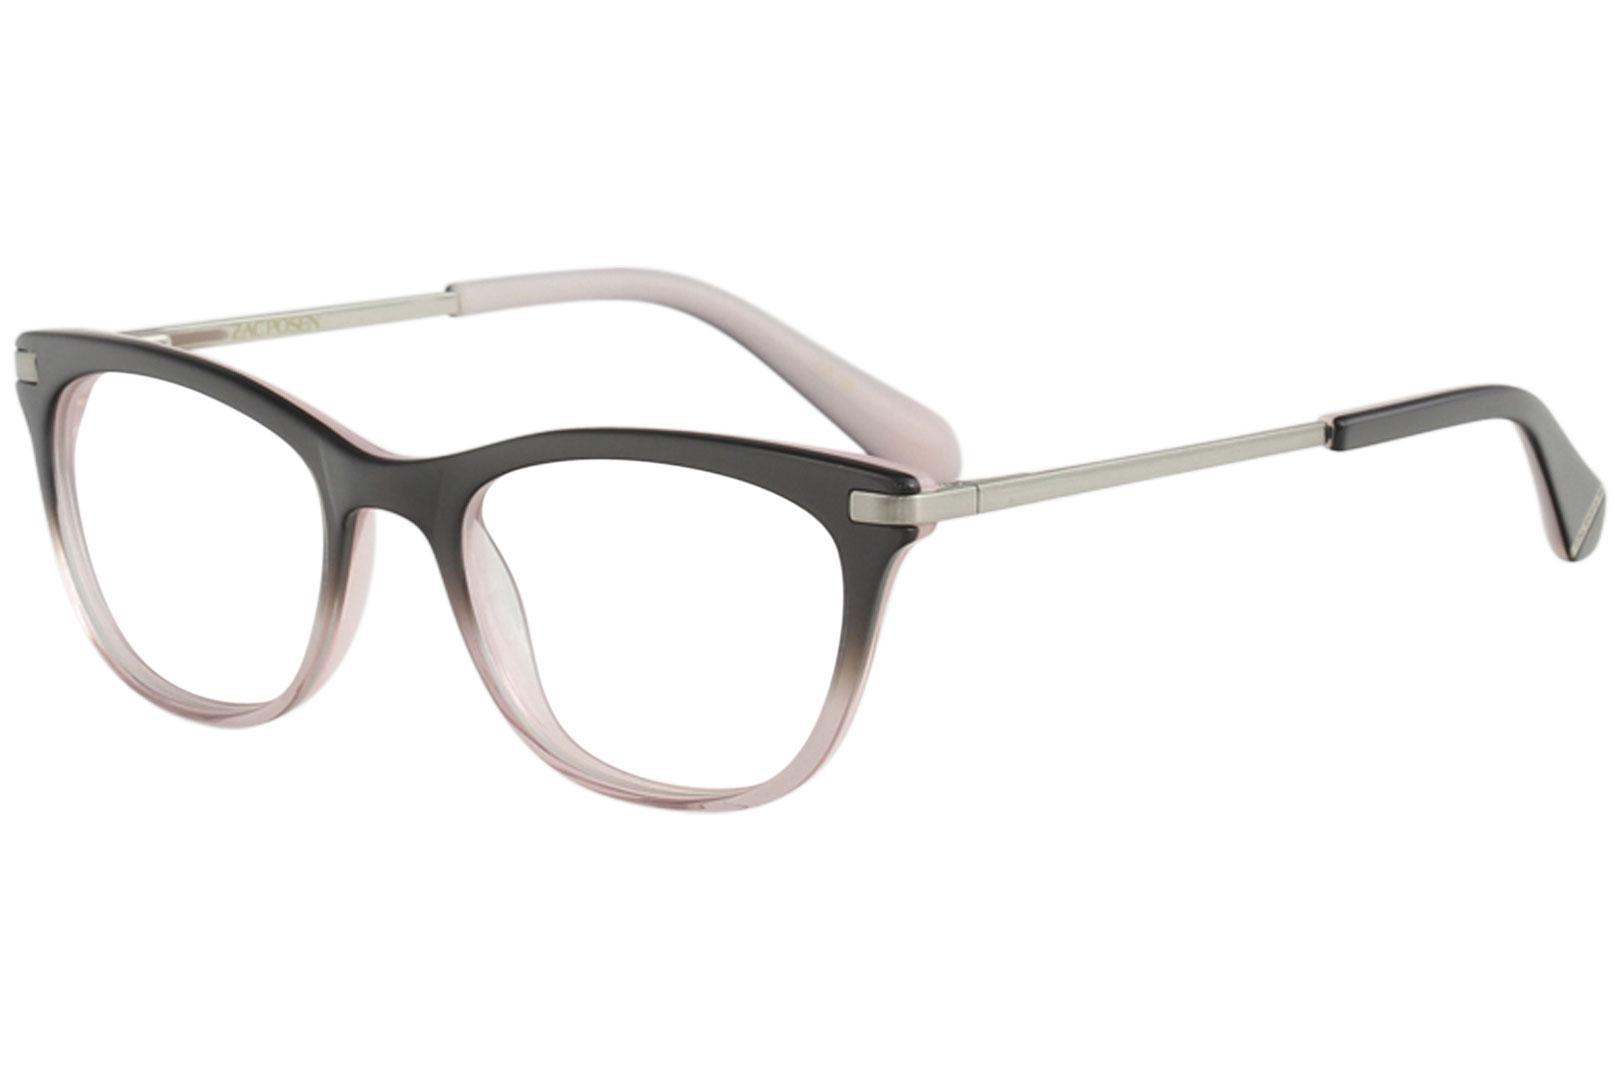 Image of Zac Posen Women's Eyeglasses Gladys Full Rim Optical Frame - Black - Lens 52 Bridge 19 Temple 145mm